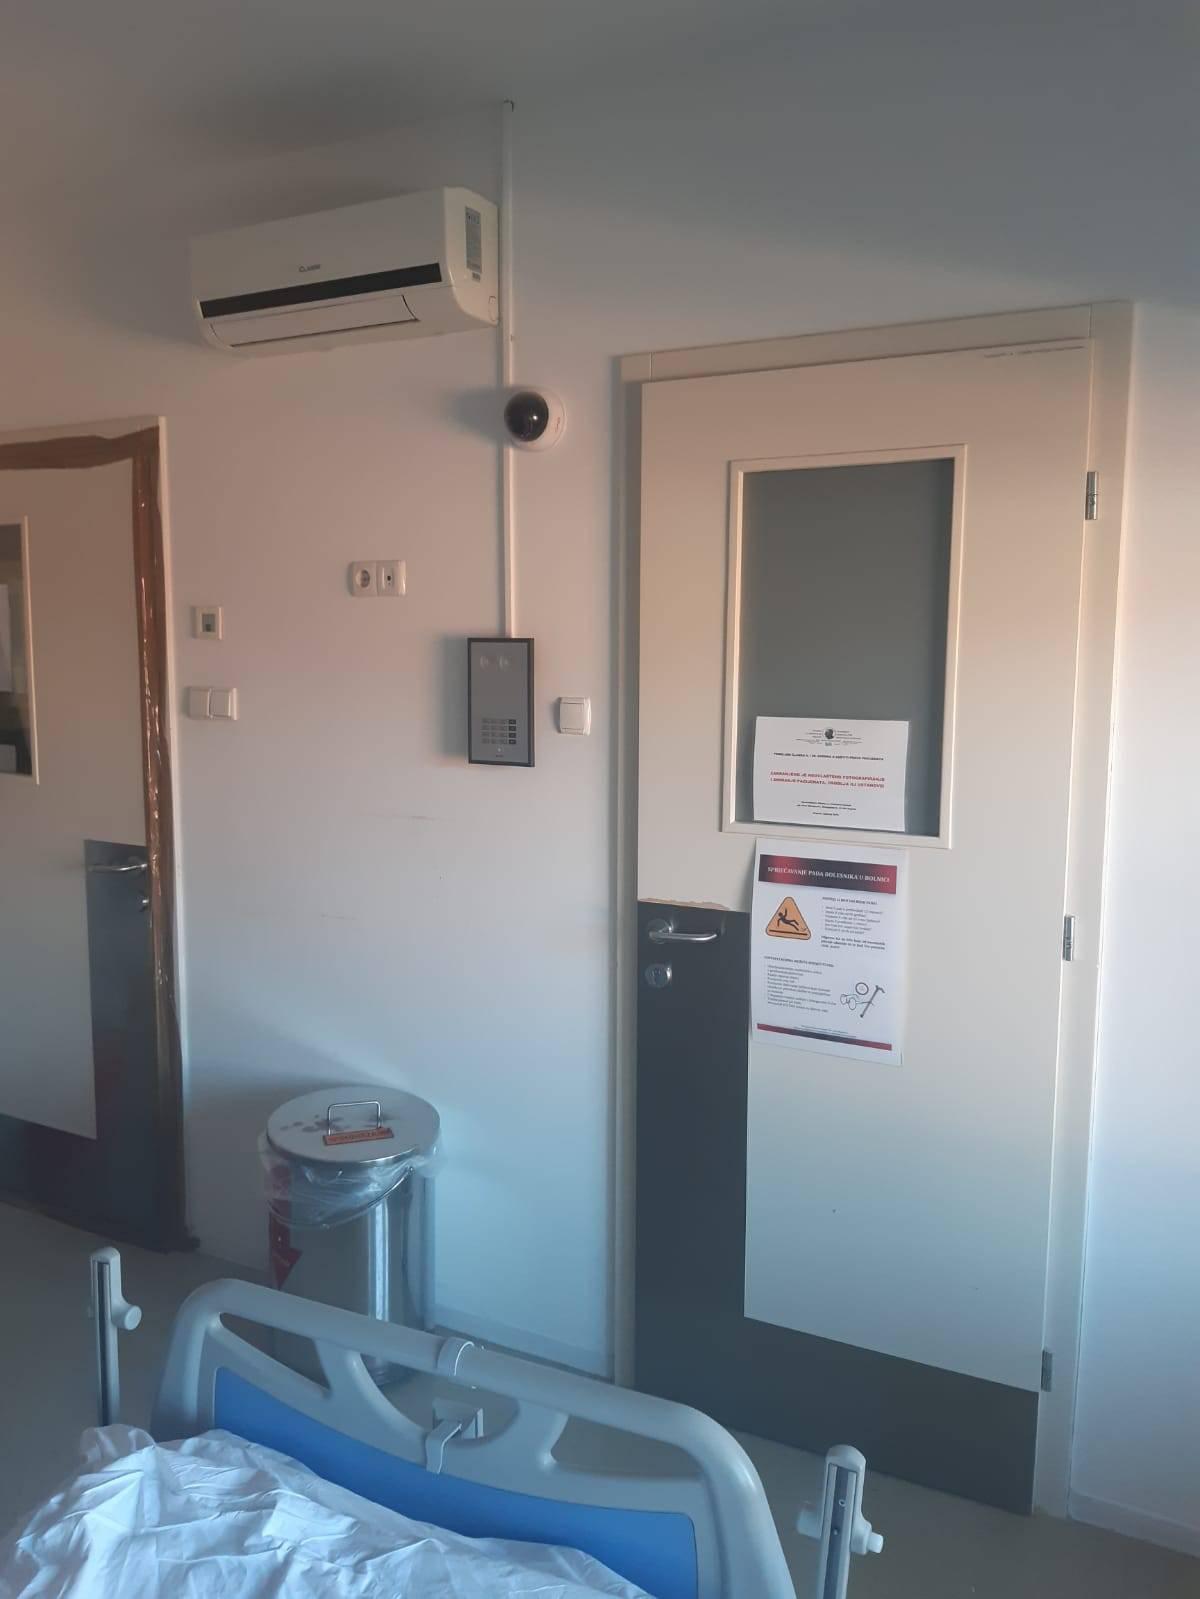 Jedan dan u životu pacijenta s koronom: 'Naručujemo i klopu'